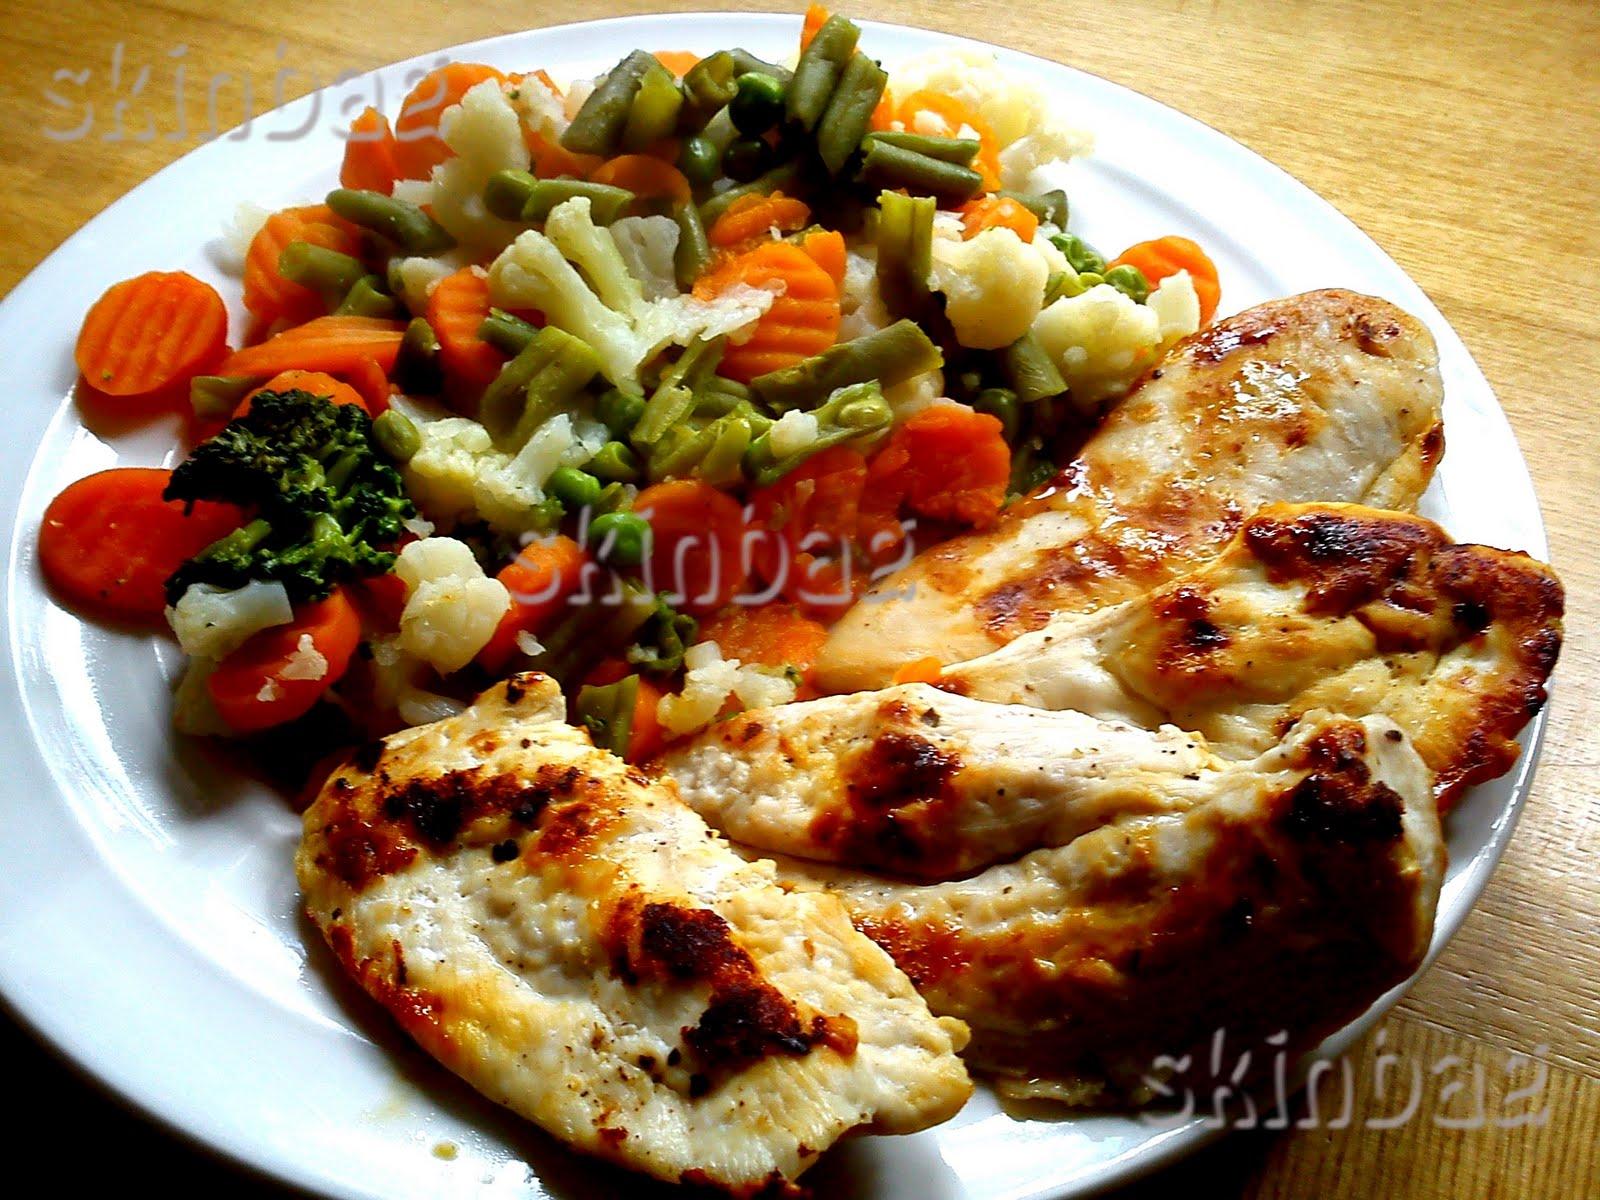 hogyan lehet lefogyni 2 hétig étkezési zöldség nélkül remix